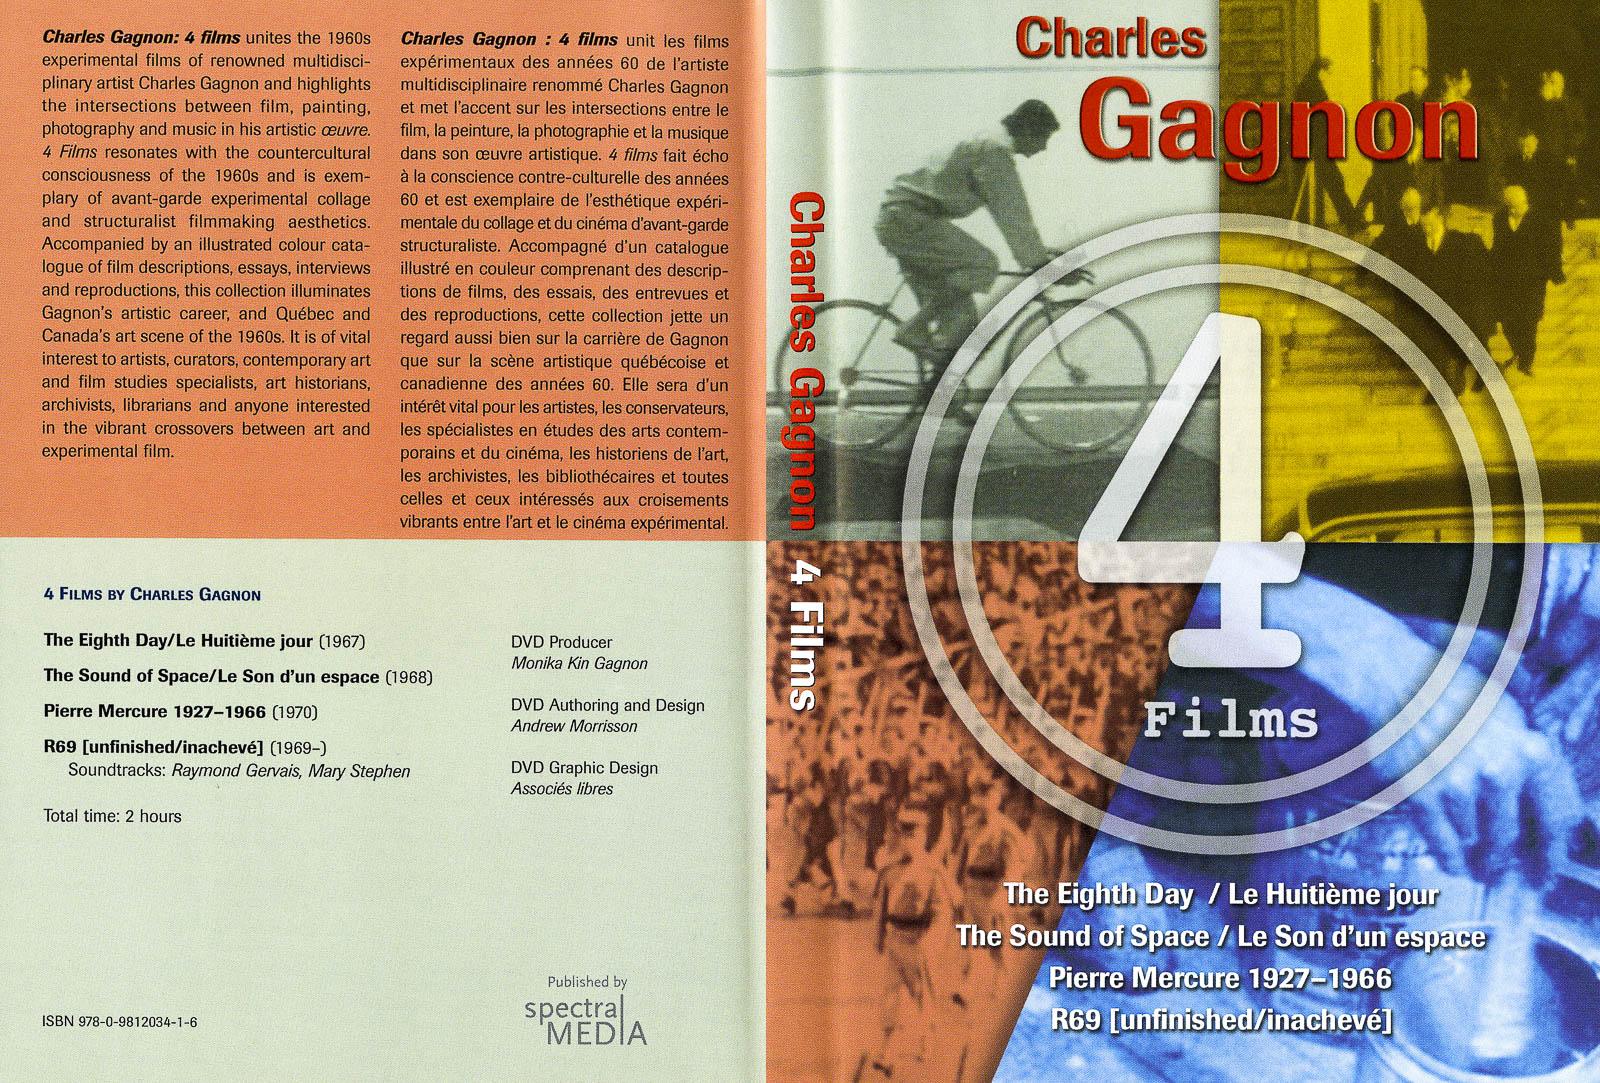 Charles Gagnon, 4 Films DVD cover